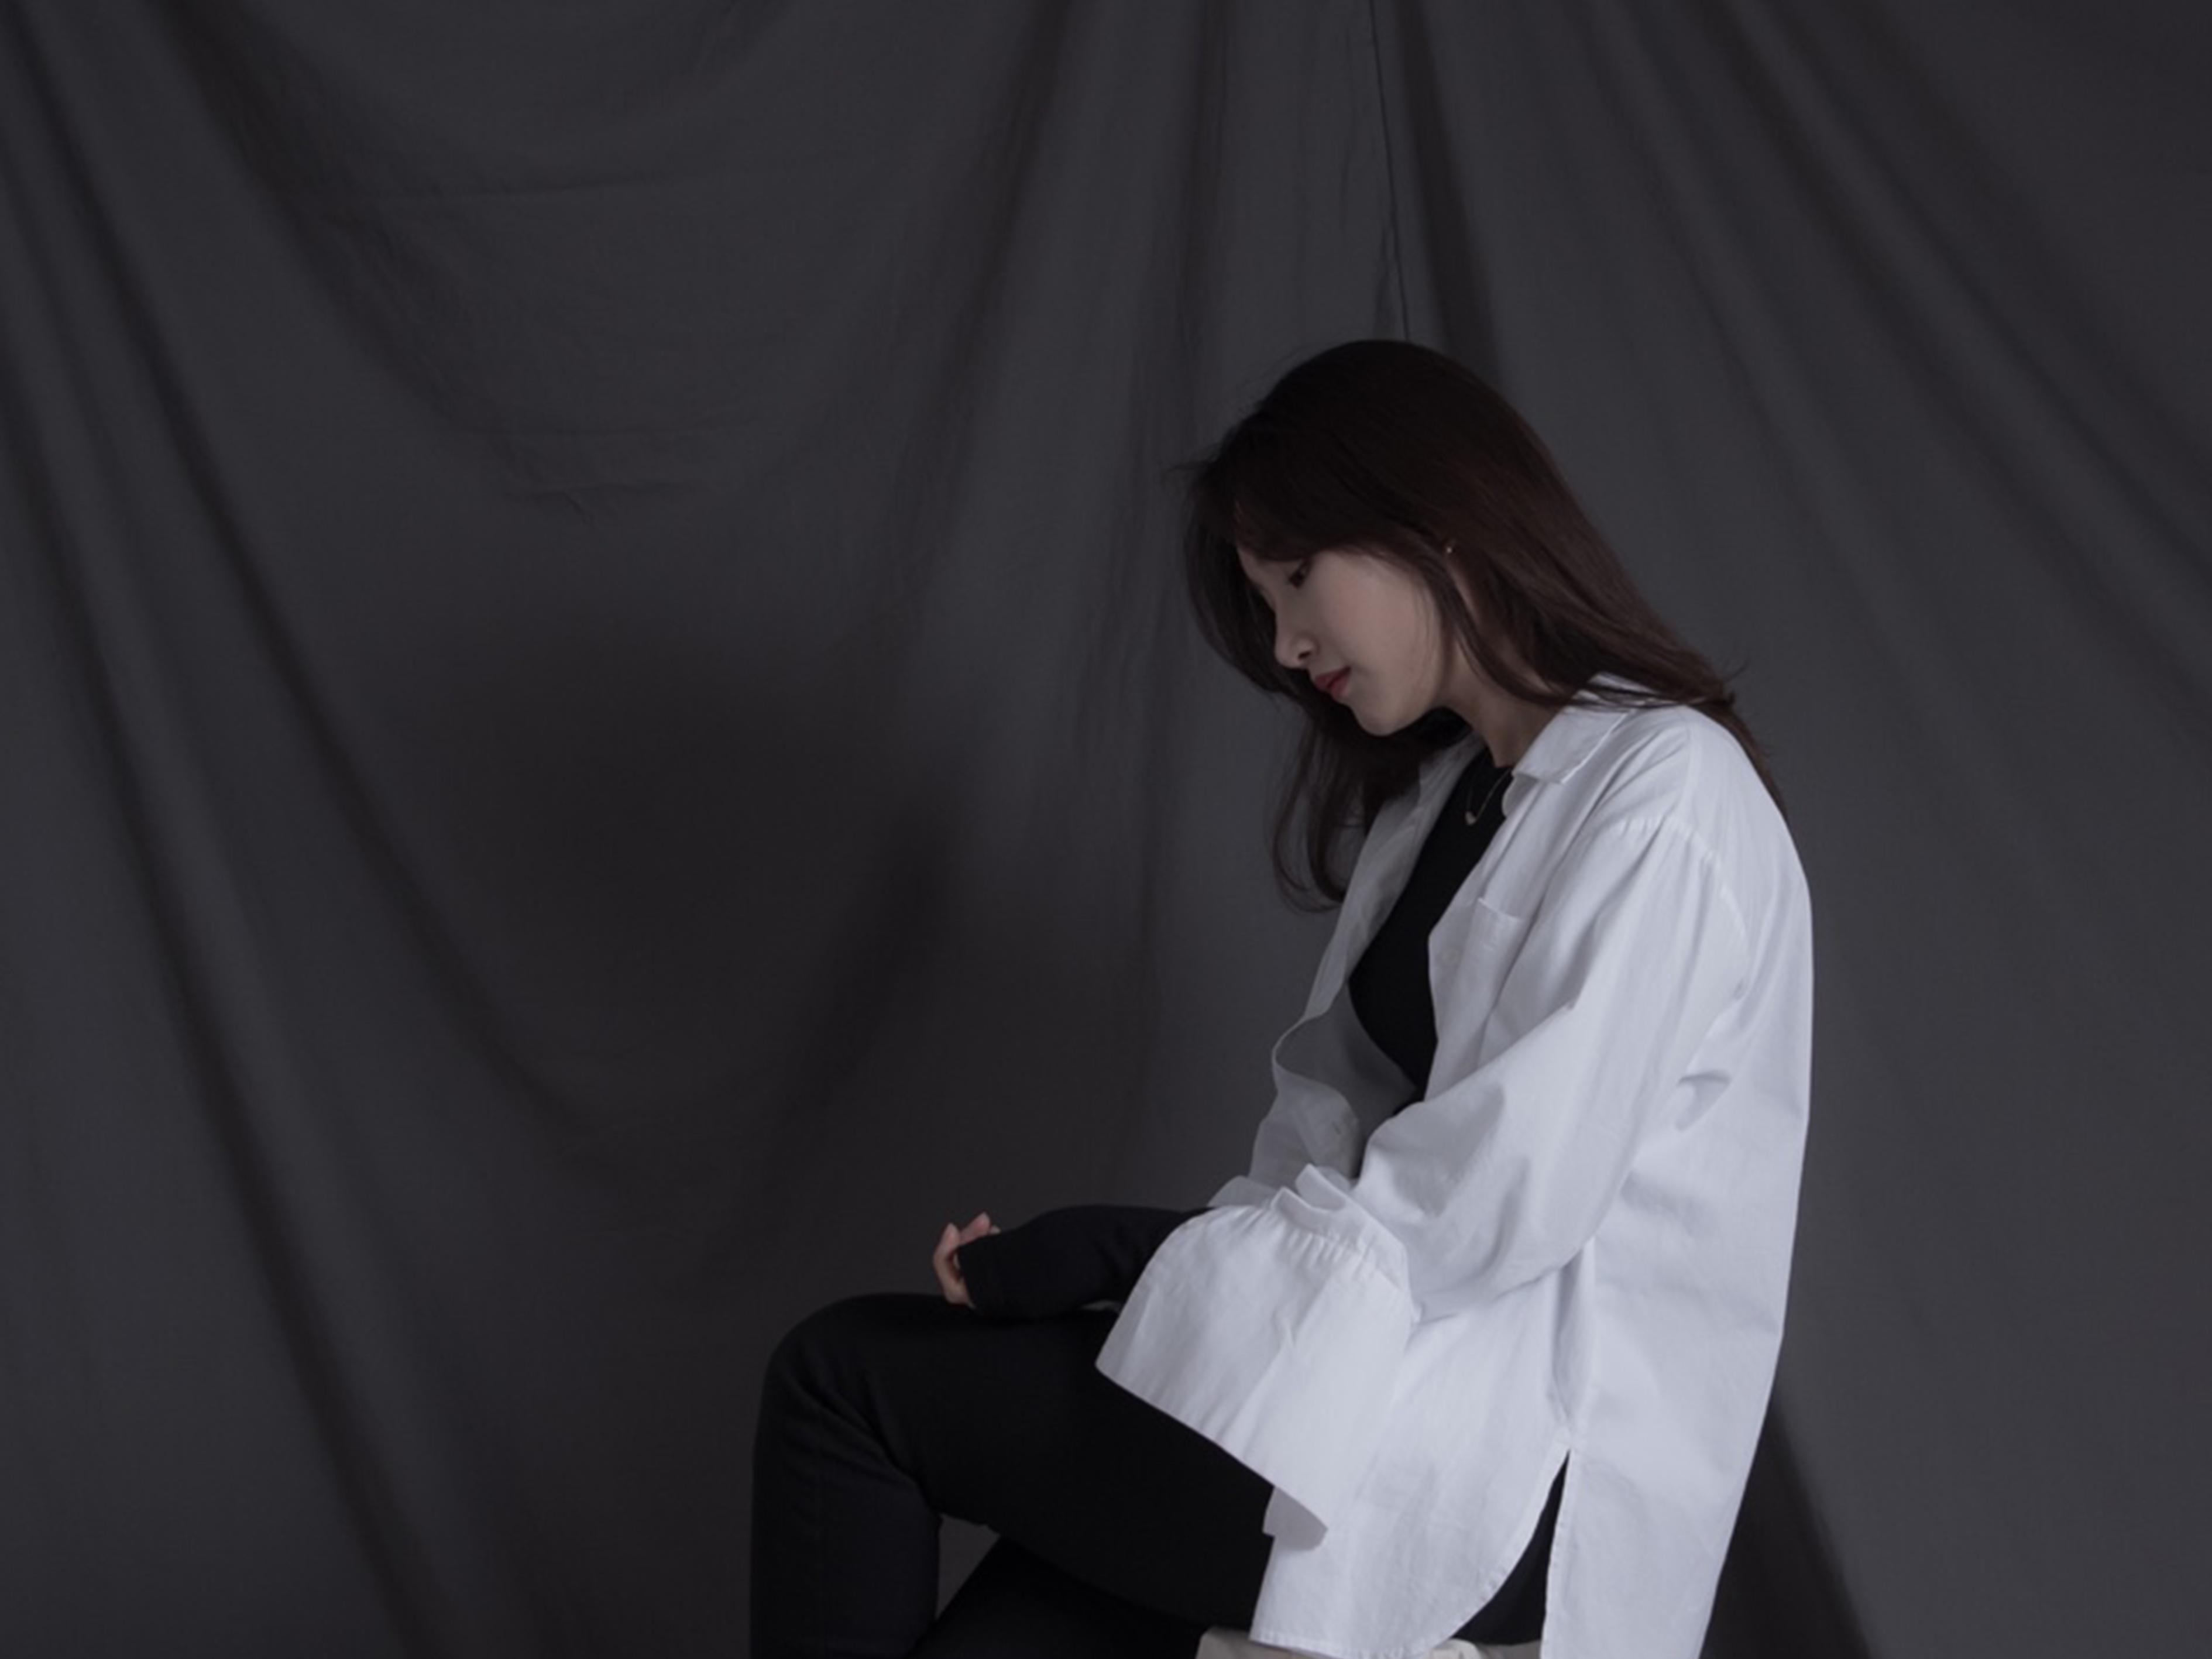 멜론 | 한기란 '언젠가' 라이브 클립 촬영 현장